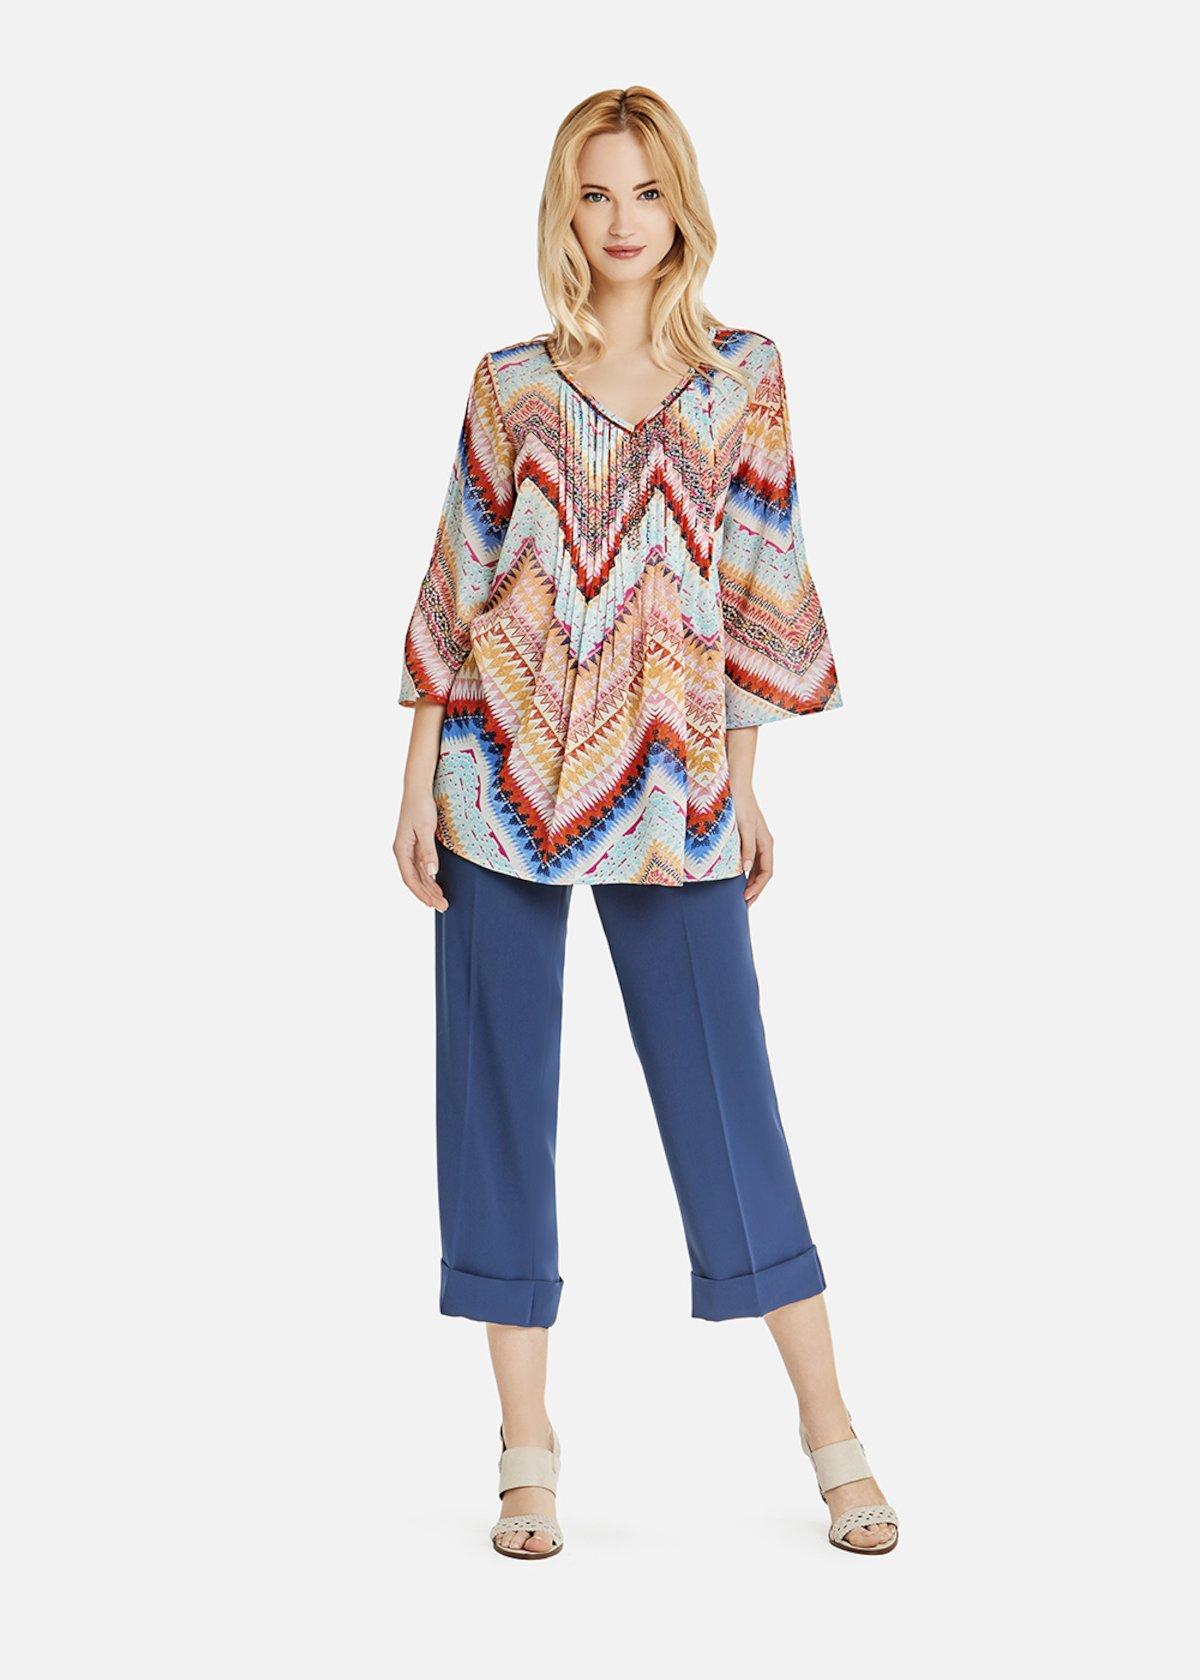 Blusa Clios multicolor con stampa a zig zag